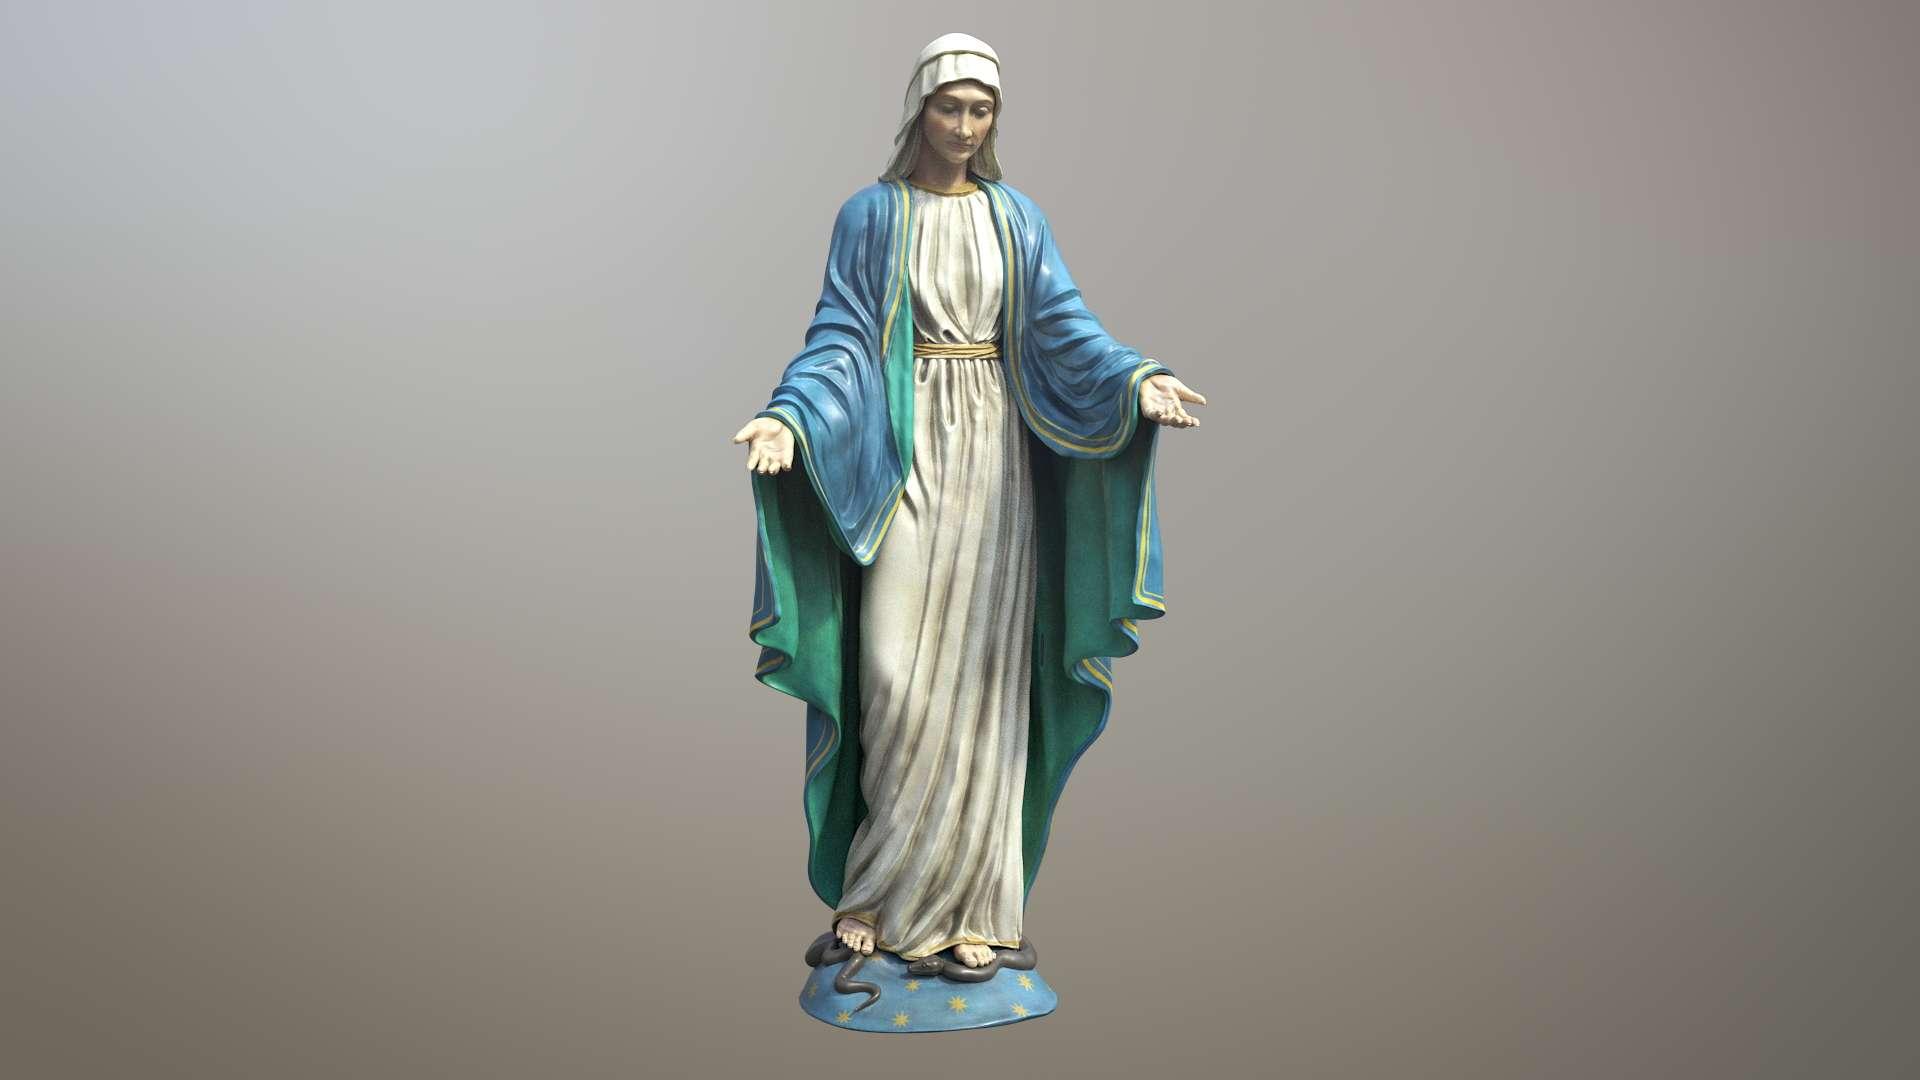 Maria 3D Model - Model 3D For Free